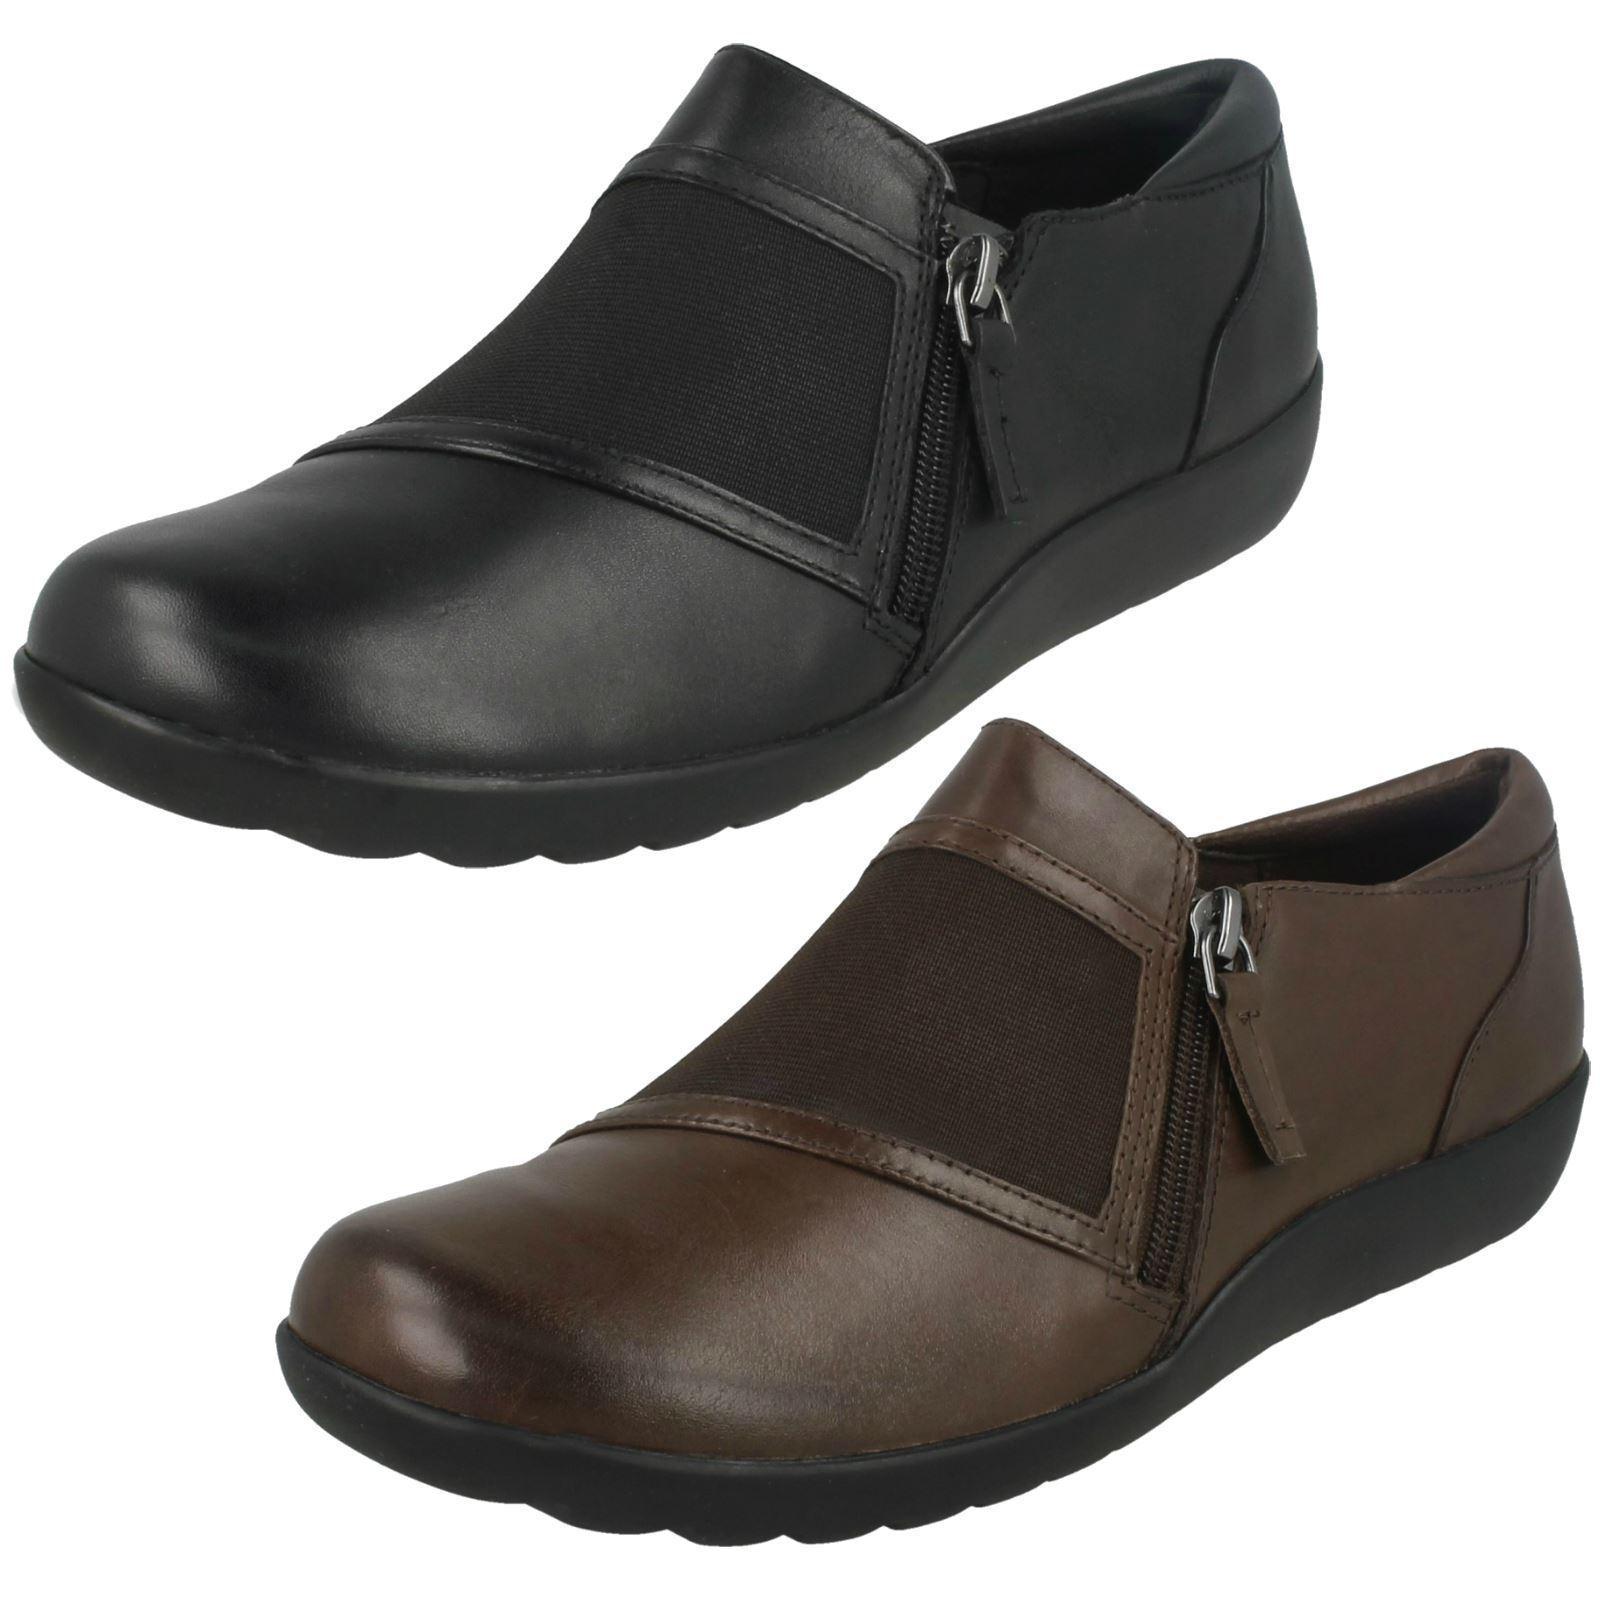 Clarks Zapatos De Las Señoras Ocasionales 'Medora Gale' Gale' Gale'  mejor moda